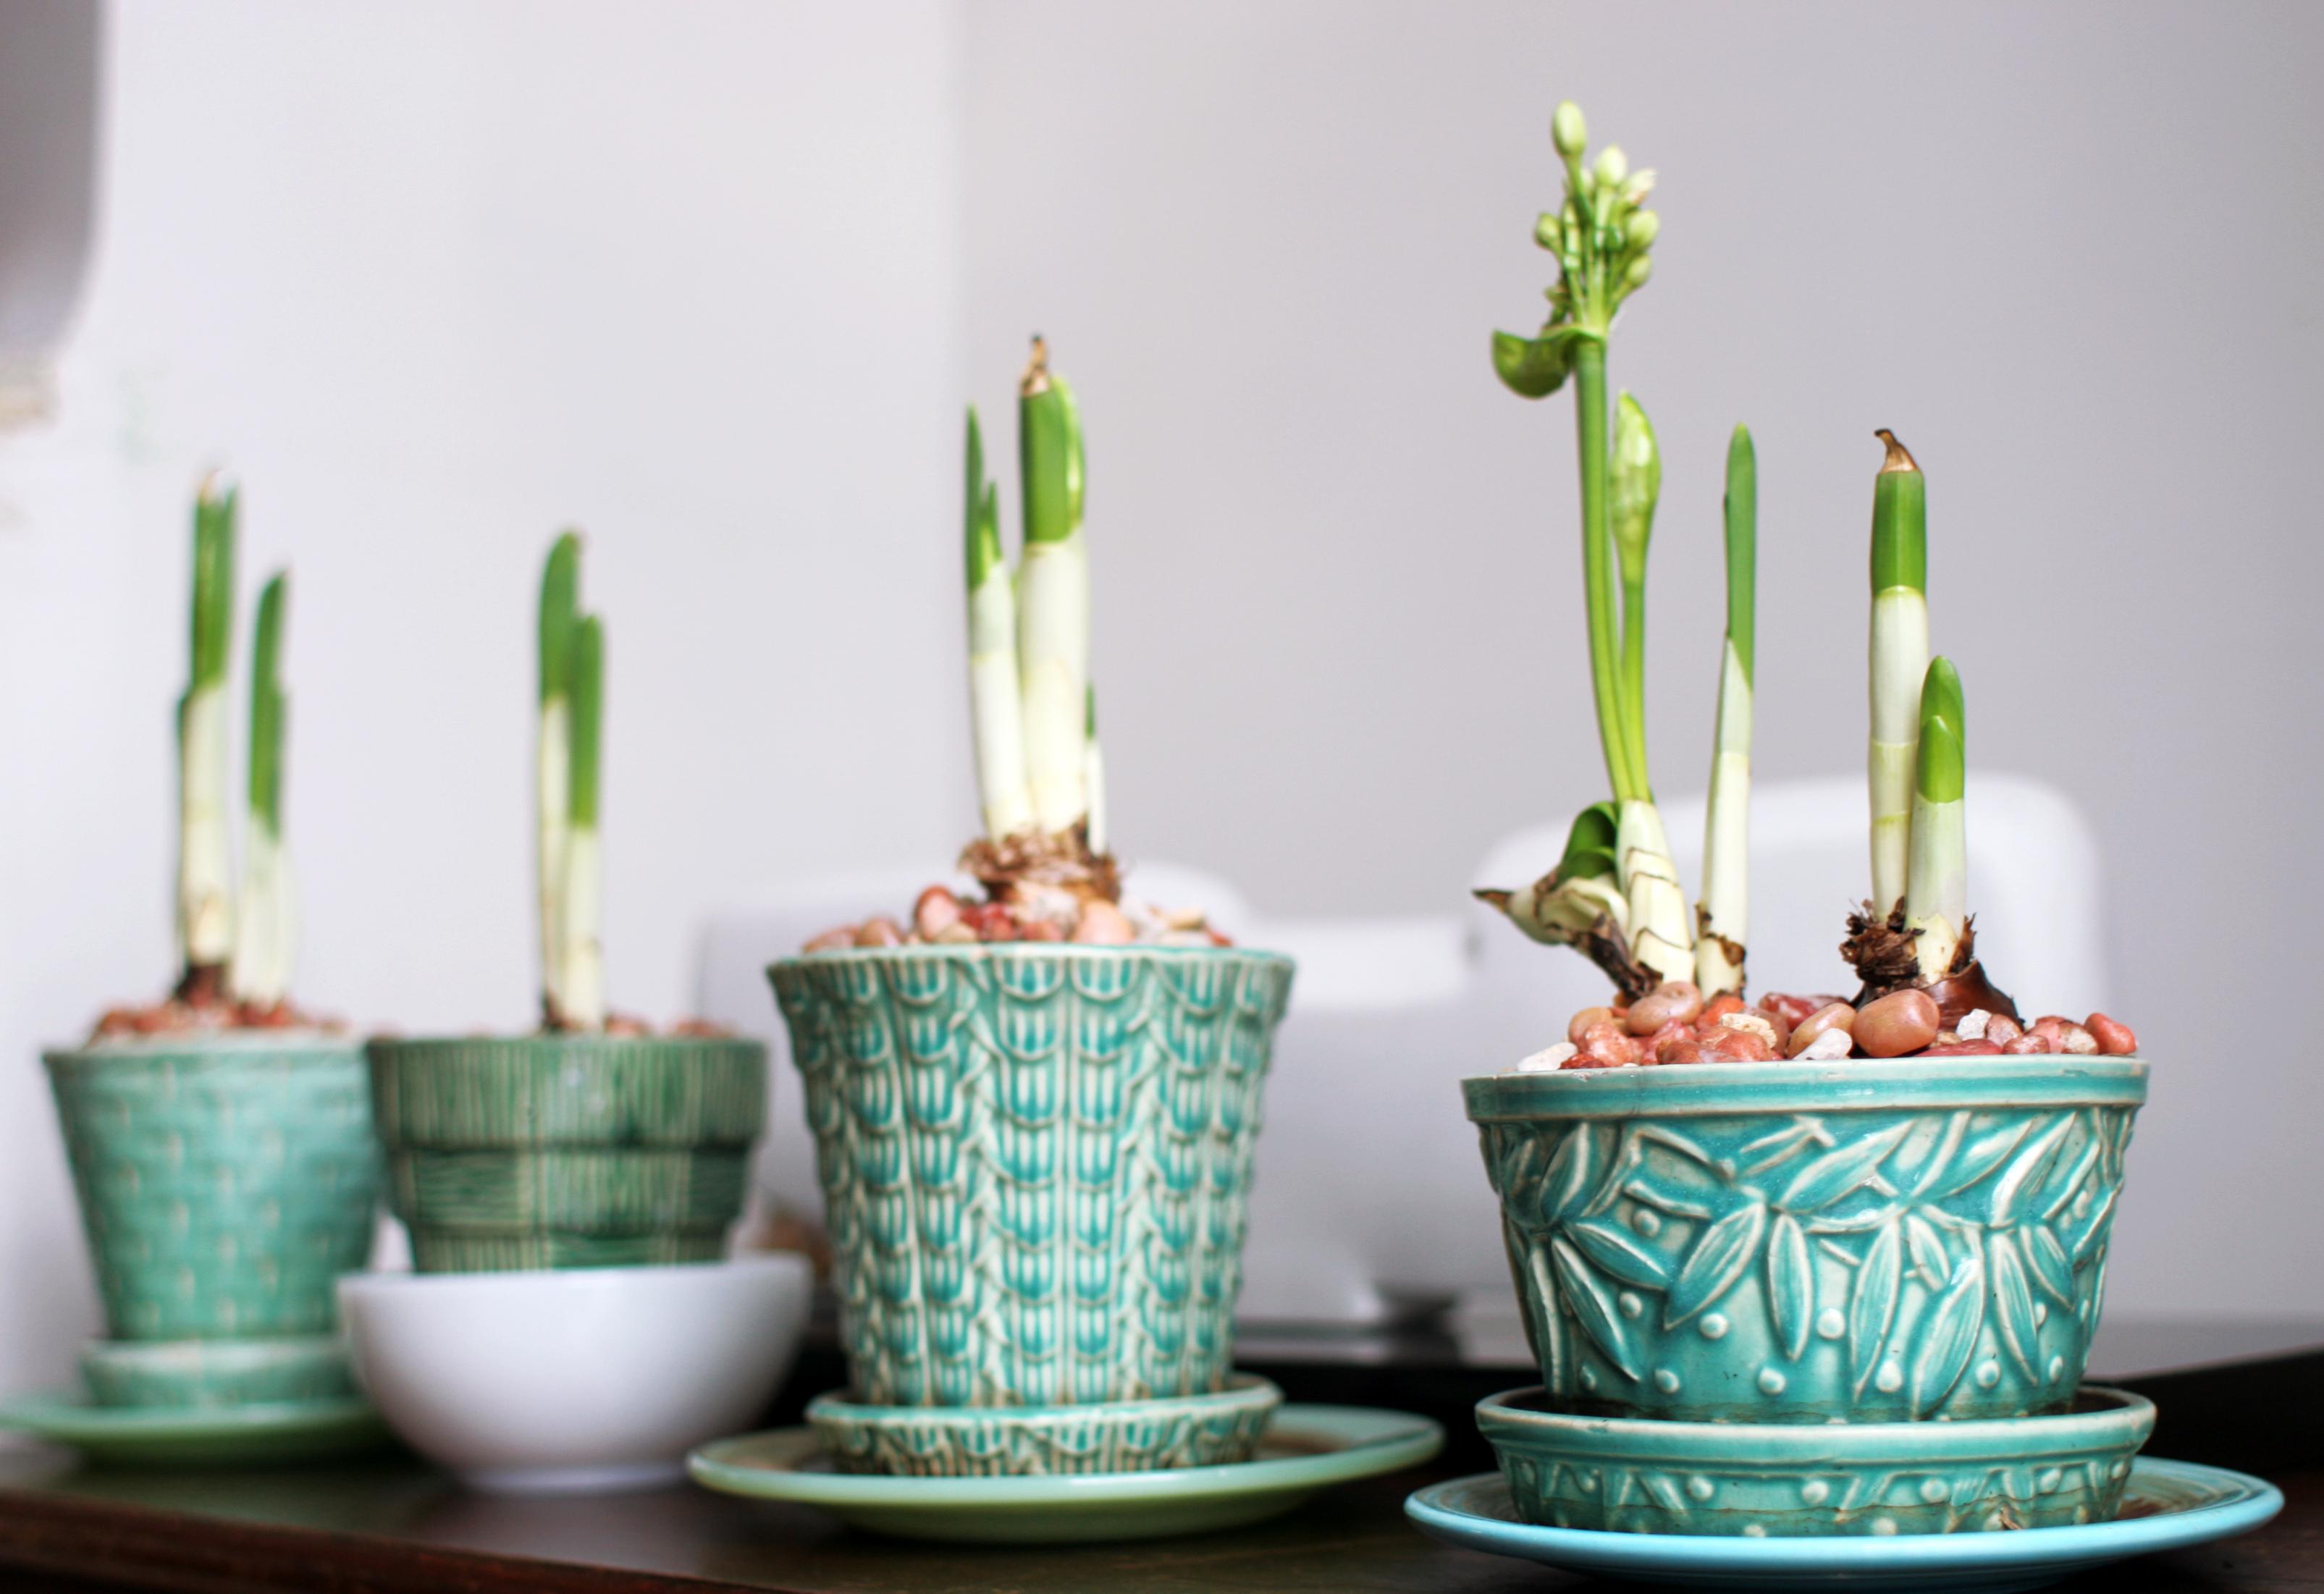 Ebay vintage flower pot